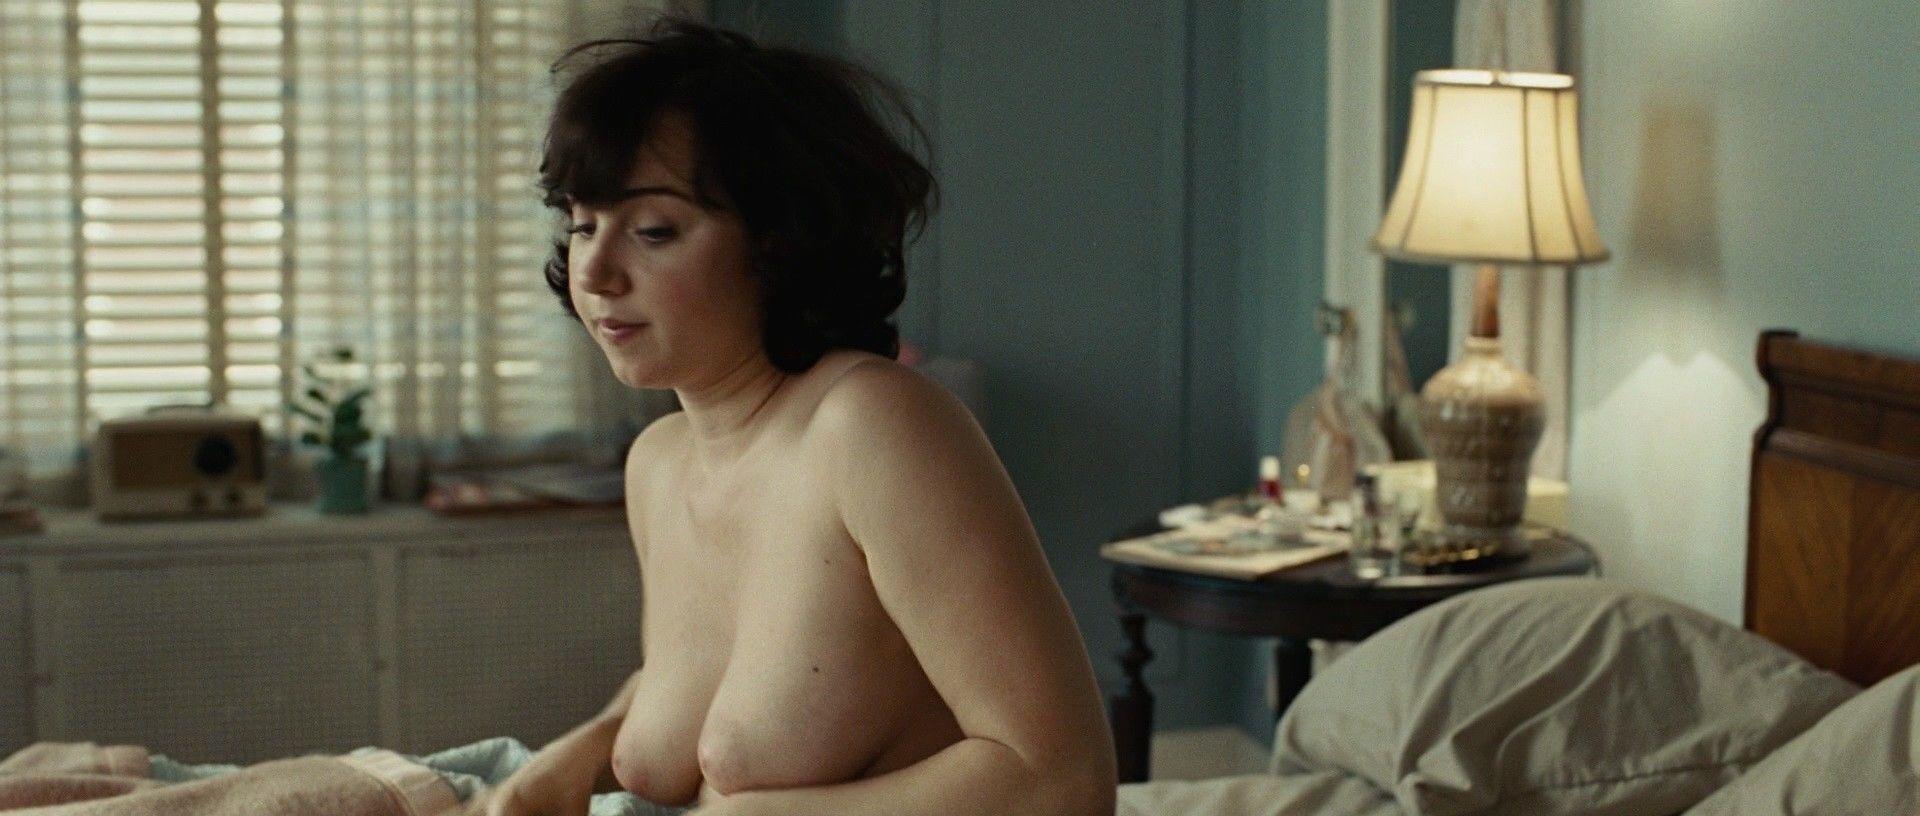 Zoe saldana nude celebs